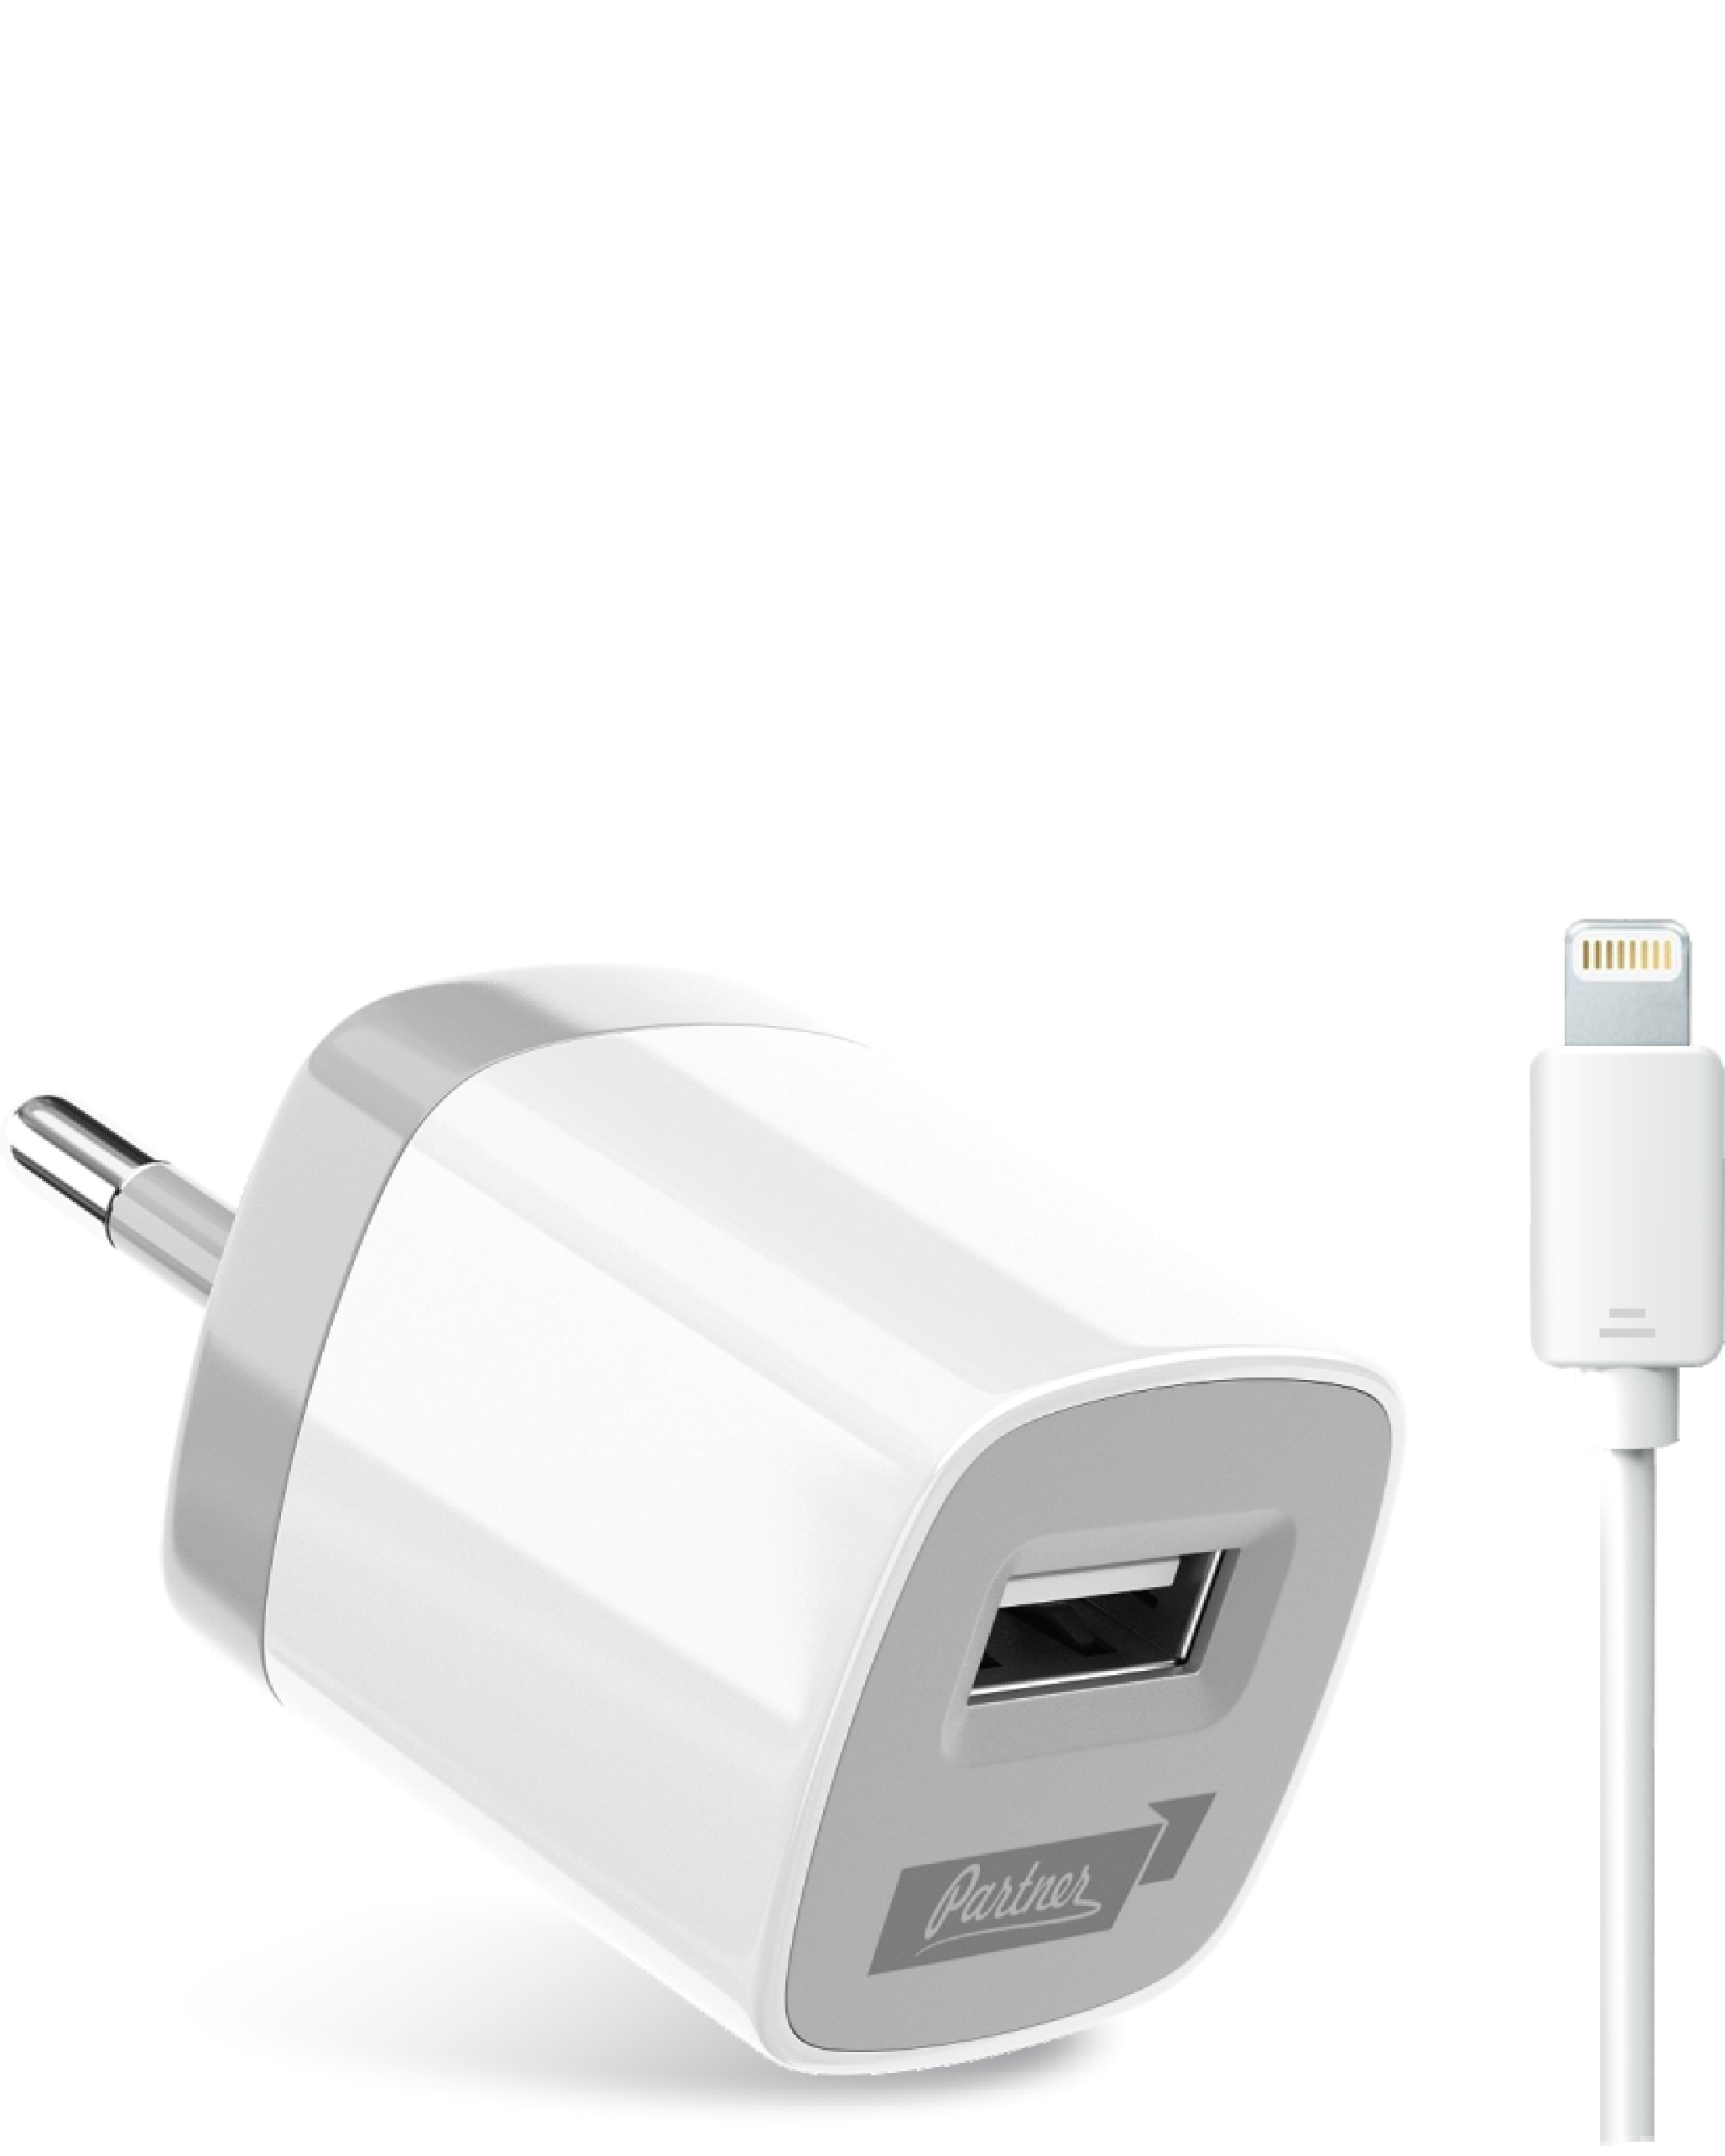 Сетевое зарядное устройство Partner USB 1A +Apple 8pin кабель